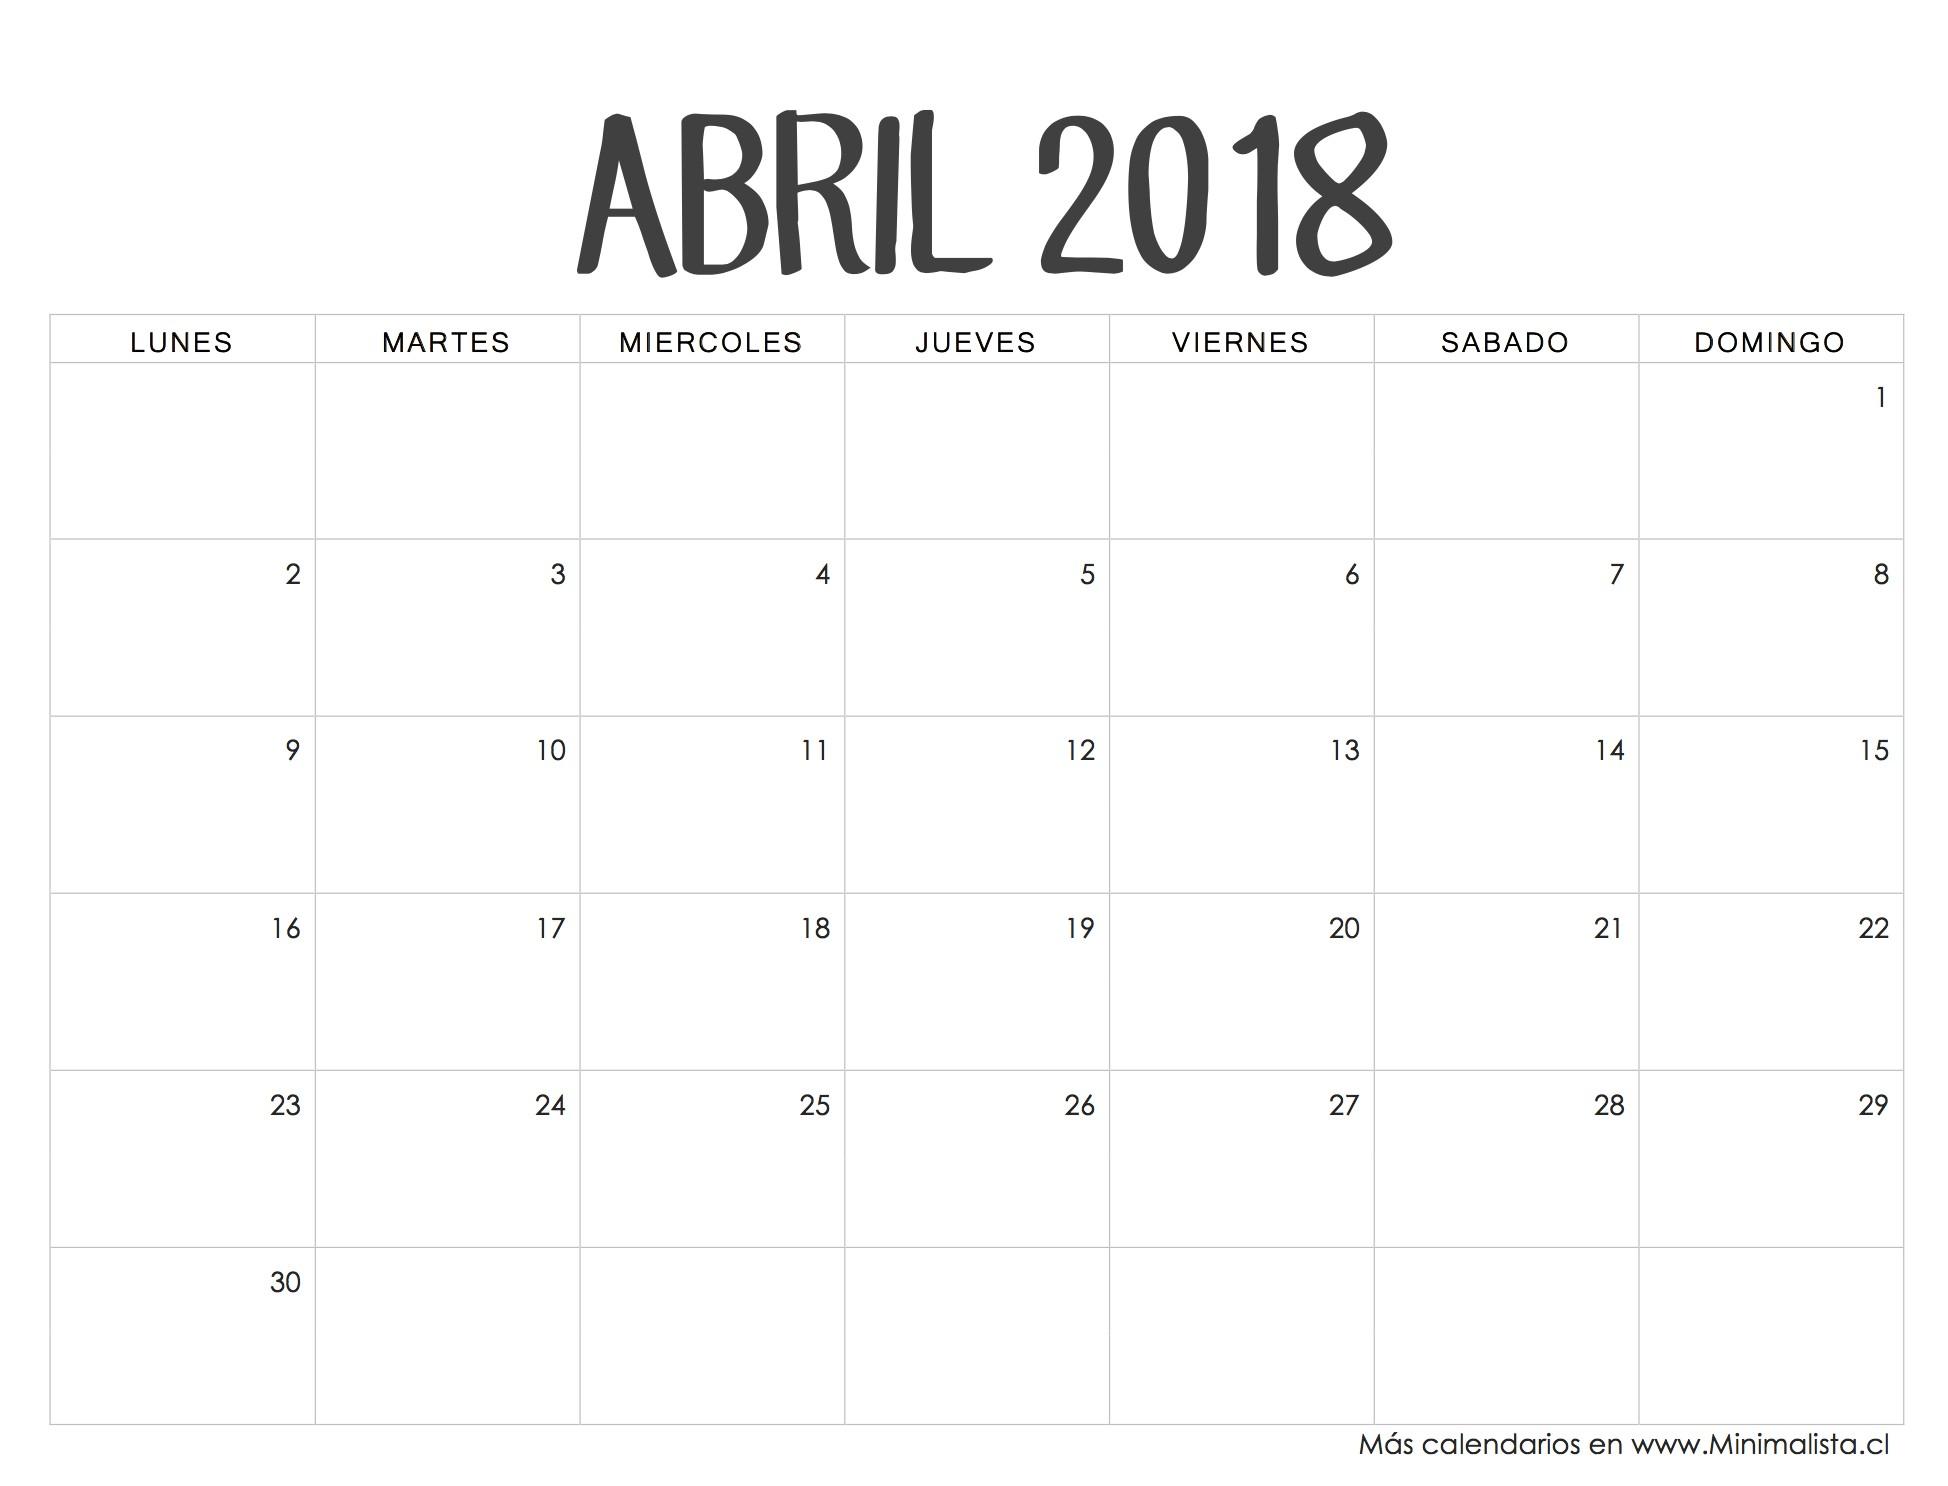 Calendario 2019 Chile Imprimir Con Feriados Actual Calendario Abril 2018 Calendarios Pinterest Of Calendario 2019 Chile Imprimir Con Feriados Más Populares 2019 2018 Calendar Printable with Holidays List Kalender Kalendar